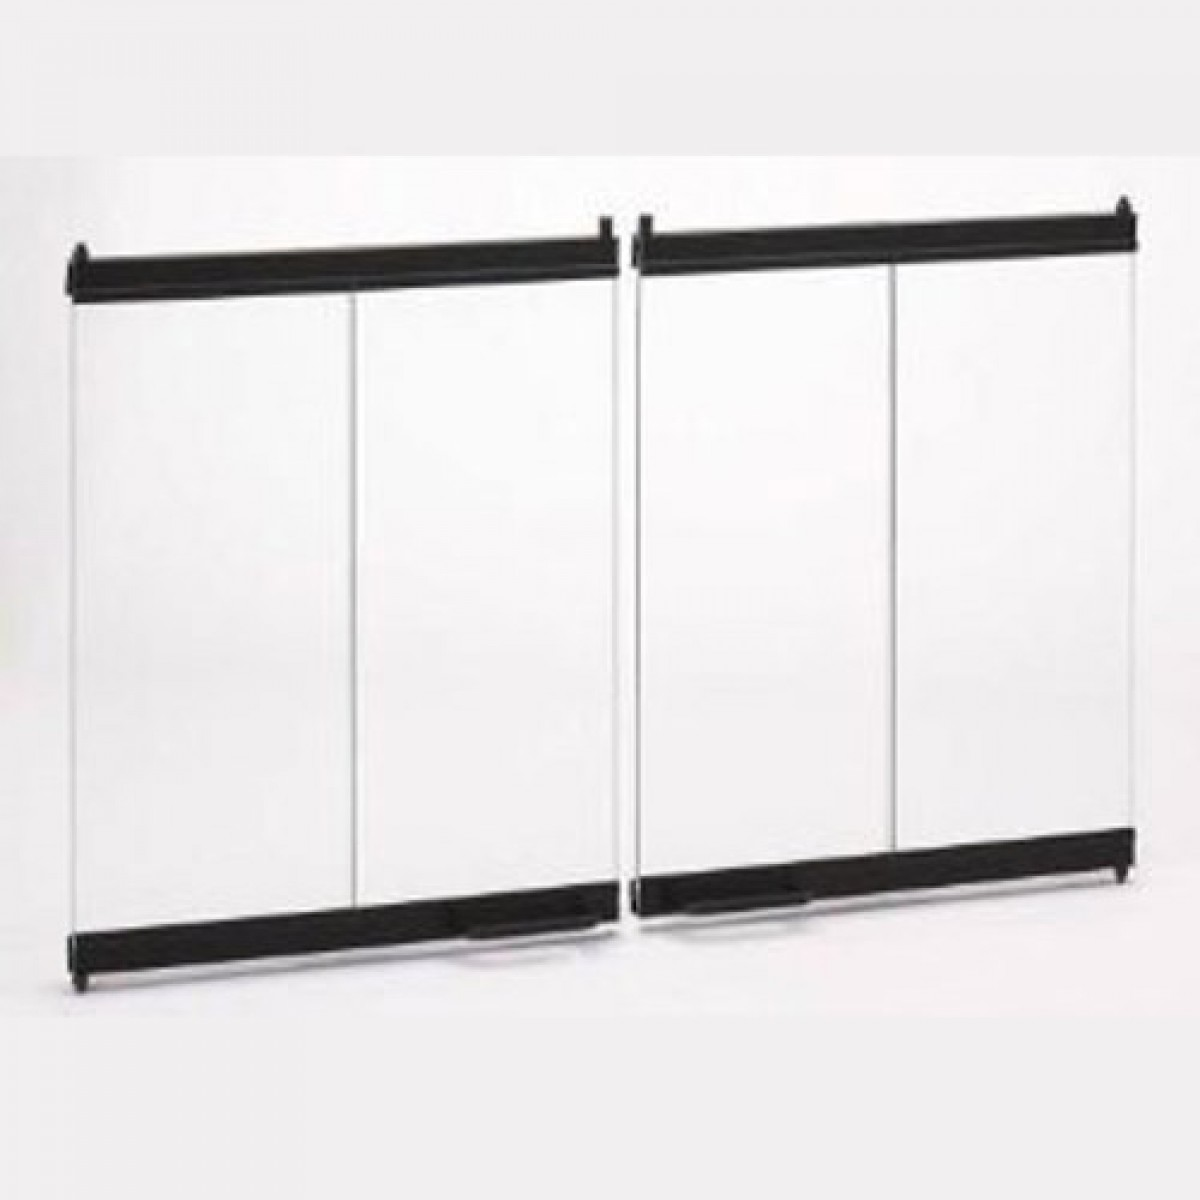 Majestic DM100 Original Bi Fold Glass Doors Black W/ Black Trim SB100